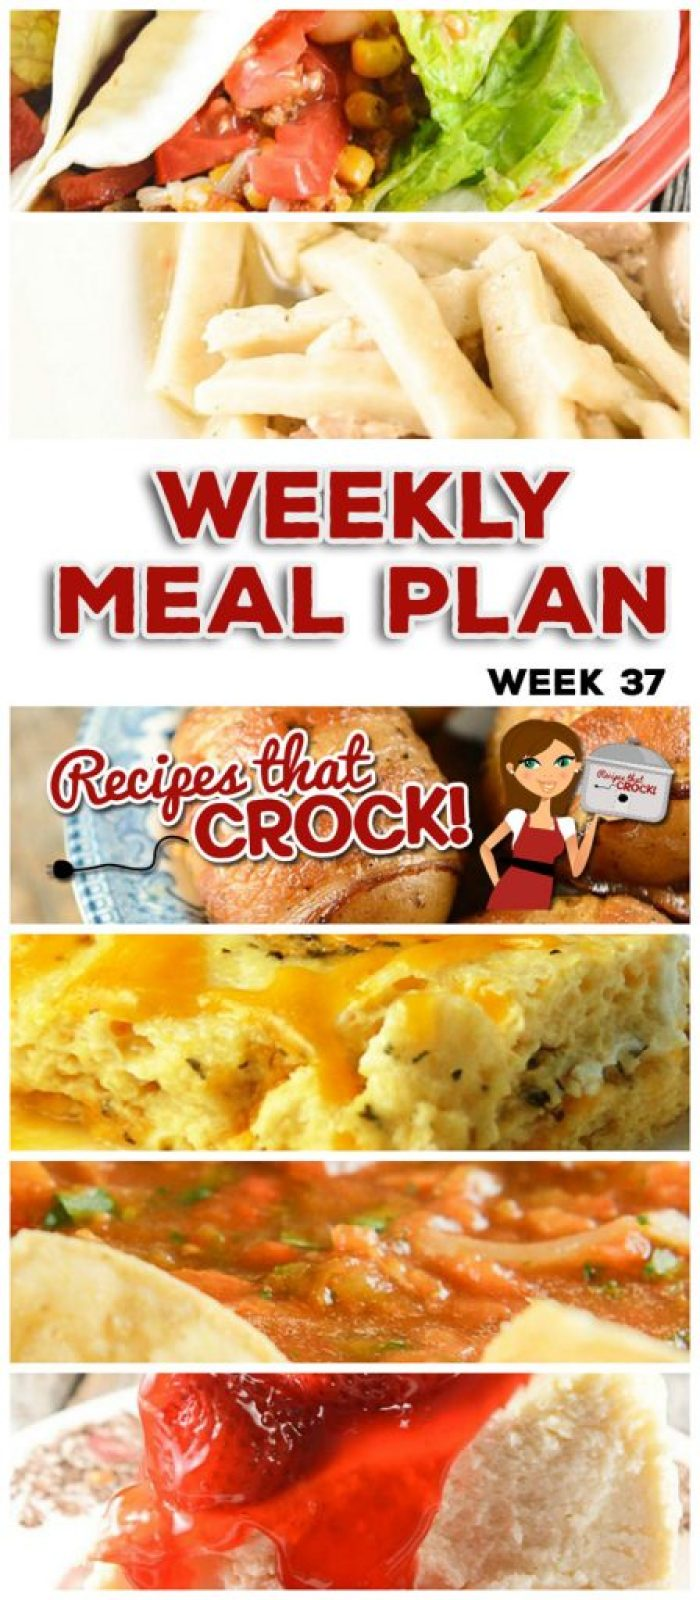 This week's weekly menu features Crock Pot Brown Sugar Pineapple Pork Roast, Crock Pot Broccoli Cheese Casserole, Crock Pot Beefy Tex Mex Tacos, Crock Pot Homemade Salsa, Slow Cooker Chicken Noodles, Crock Pot Seafood Gumbo, Easy Crock Pot Chicken Dinner for Two, Crock Pot Cheese Souffle, Crock Pot Bacon Taters, Crock Pot Cheesecake.